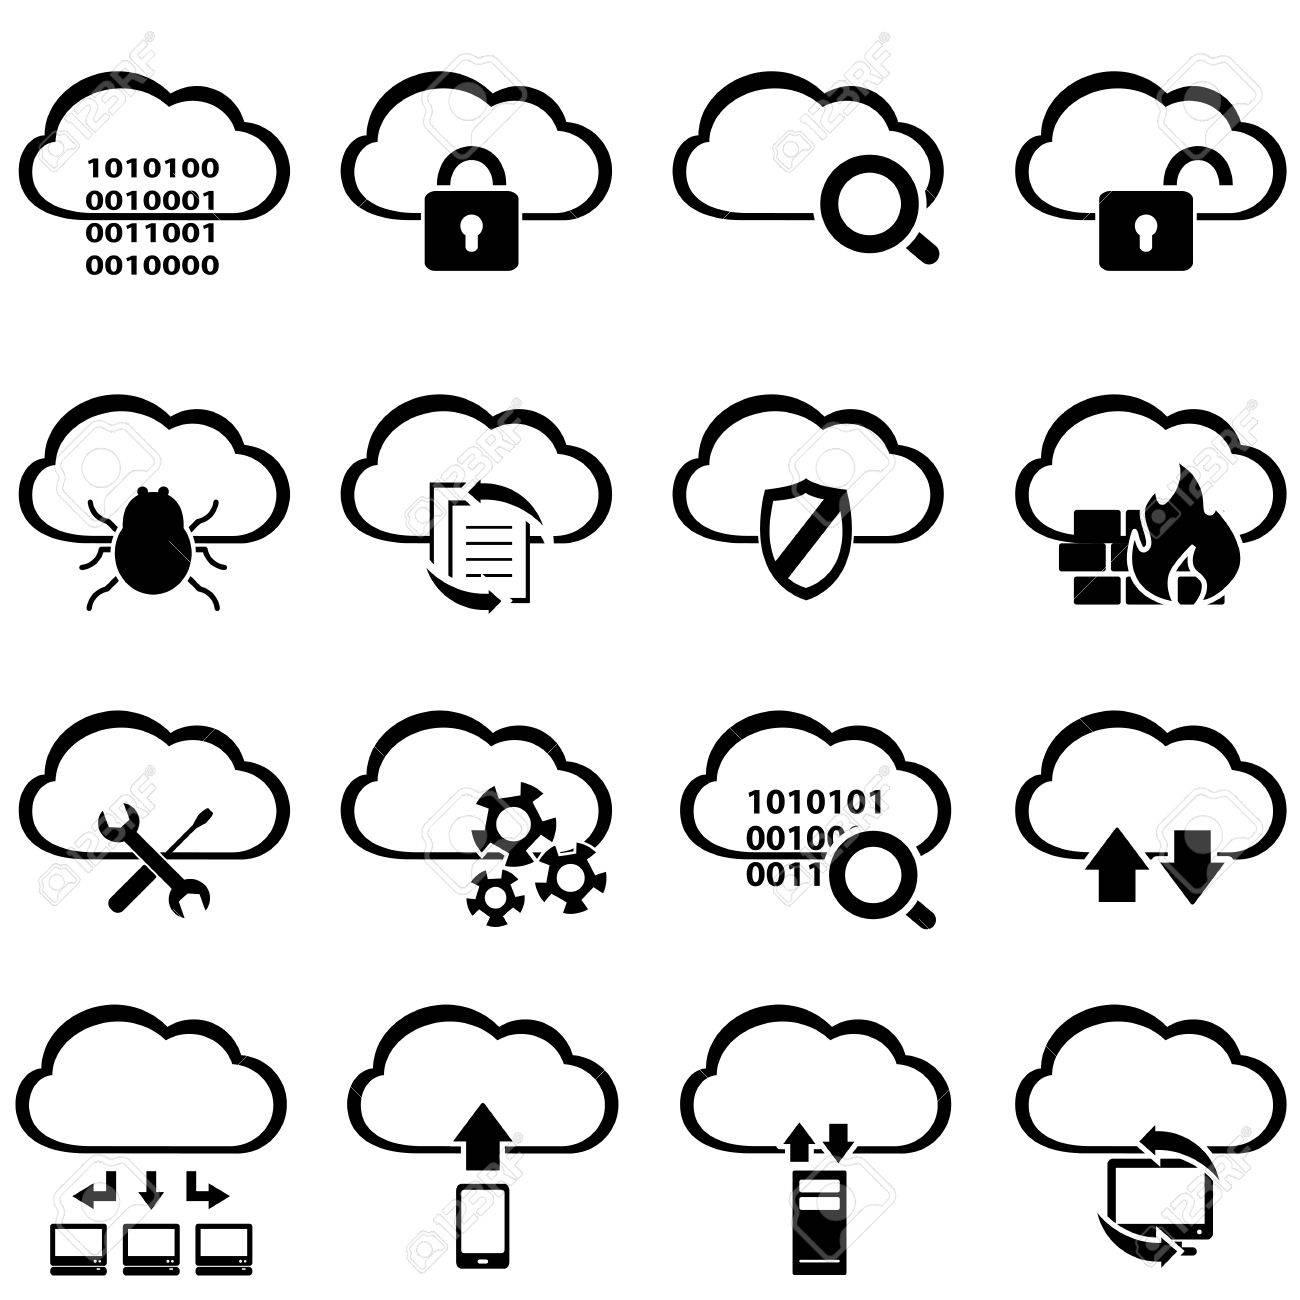 Big data and cloud computing icon set - 41373500